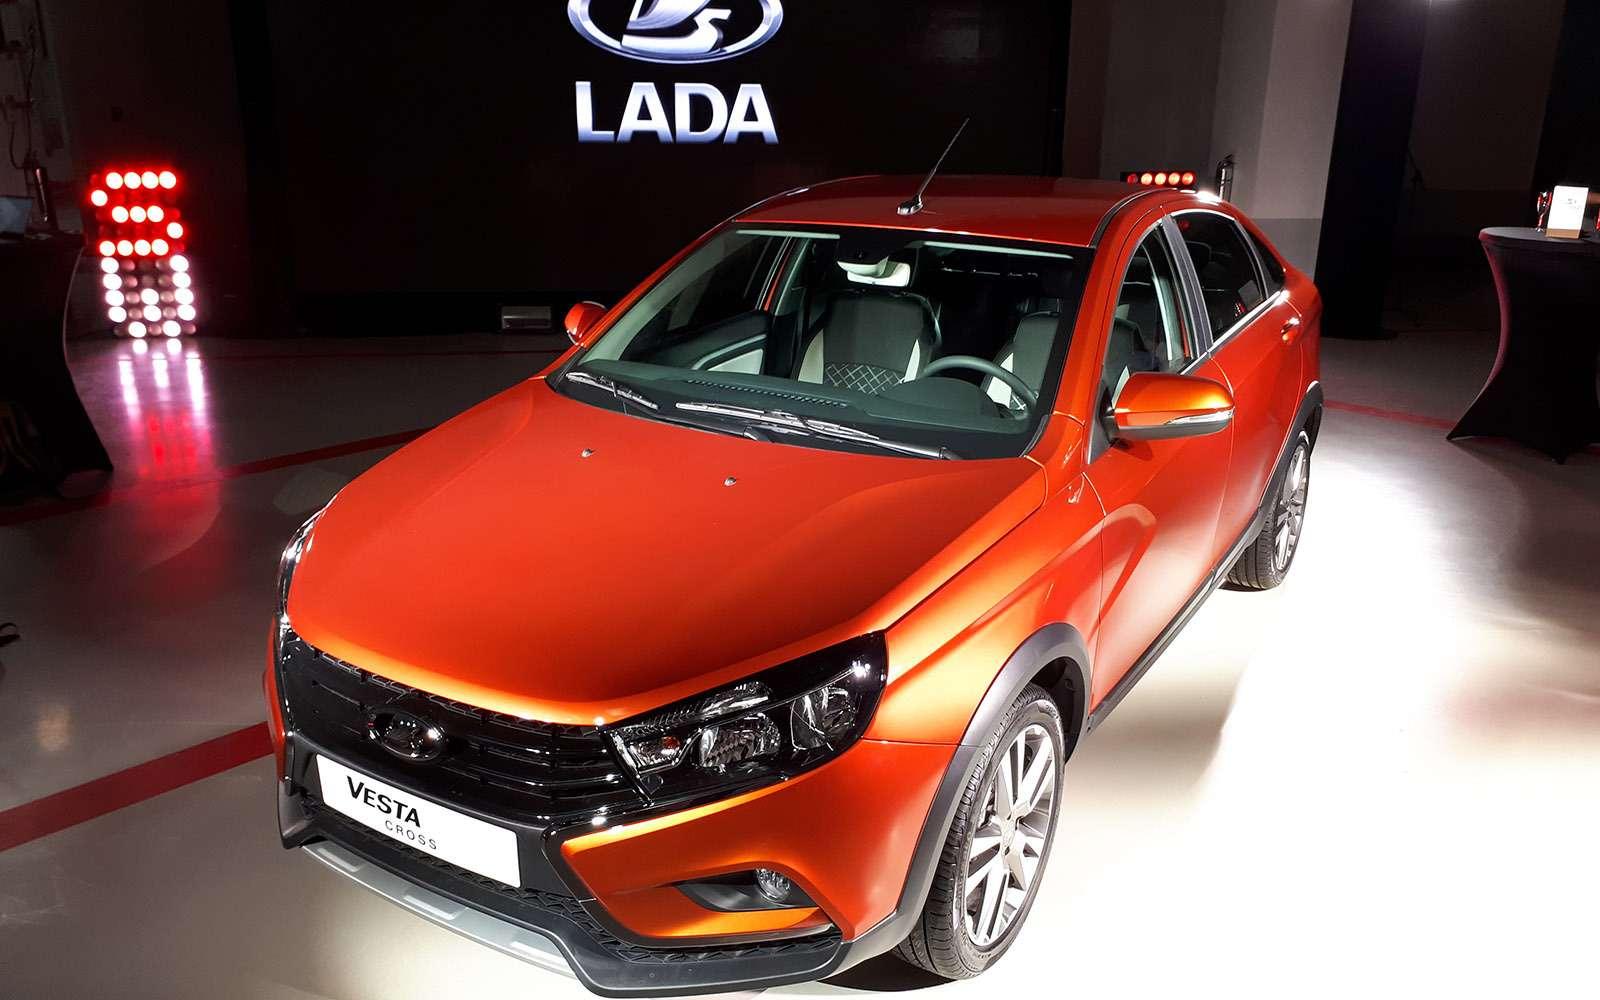 Седан Lada Vesta Cross: производство началось. Когда его ждать впродаже?— фото 863336